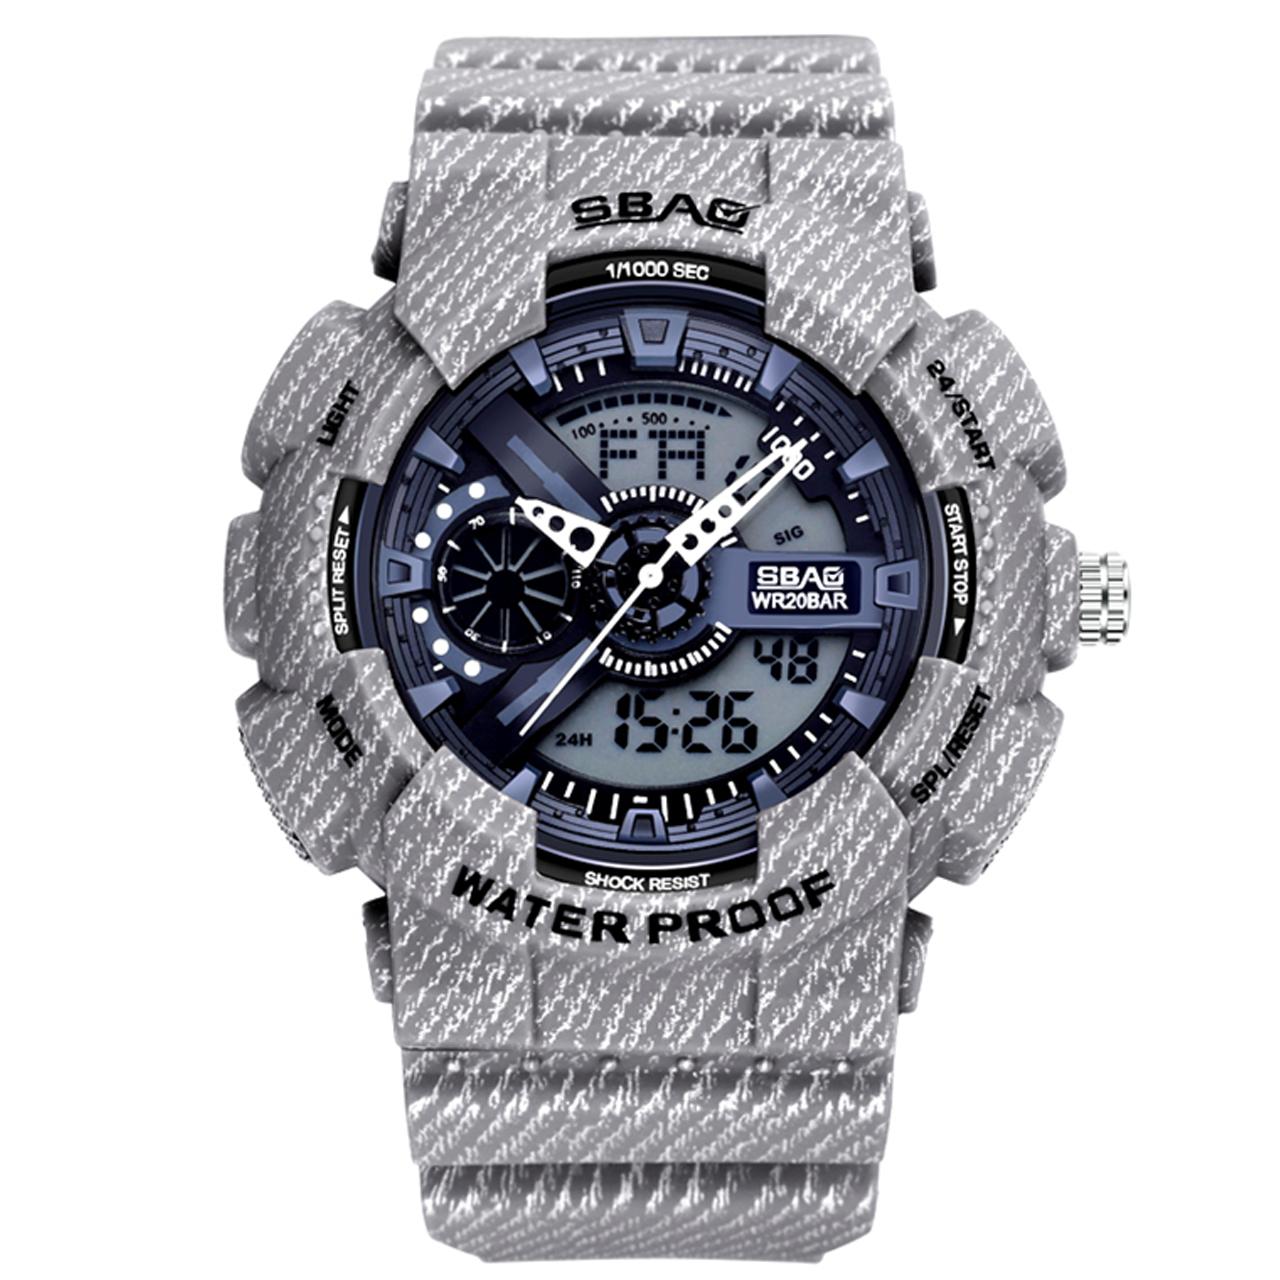 ساعت مچی عقربه ای مردانه اِسباُ مدل 8017GR-3 رنگ طوسی